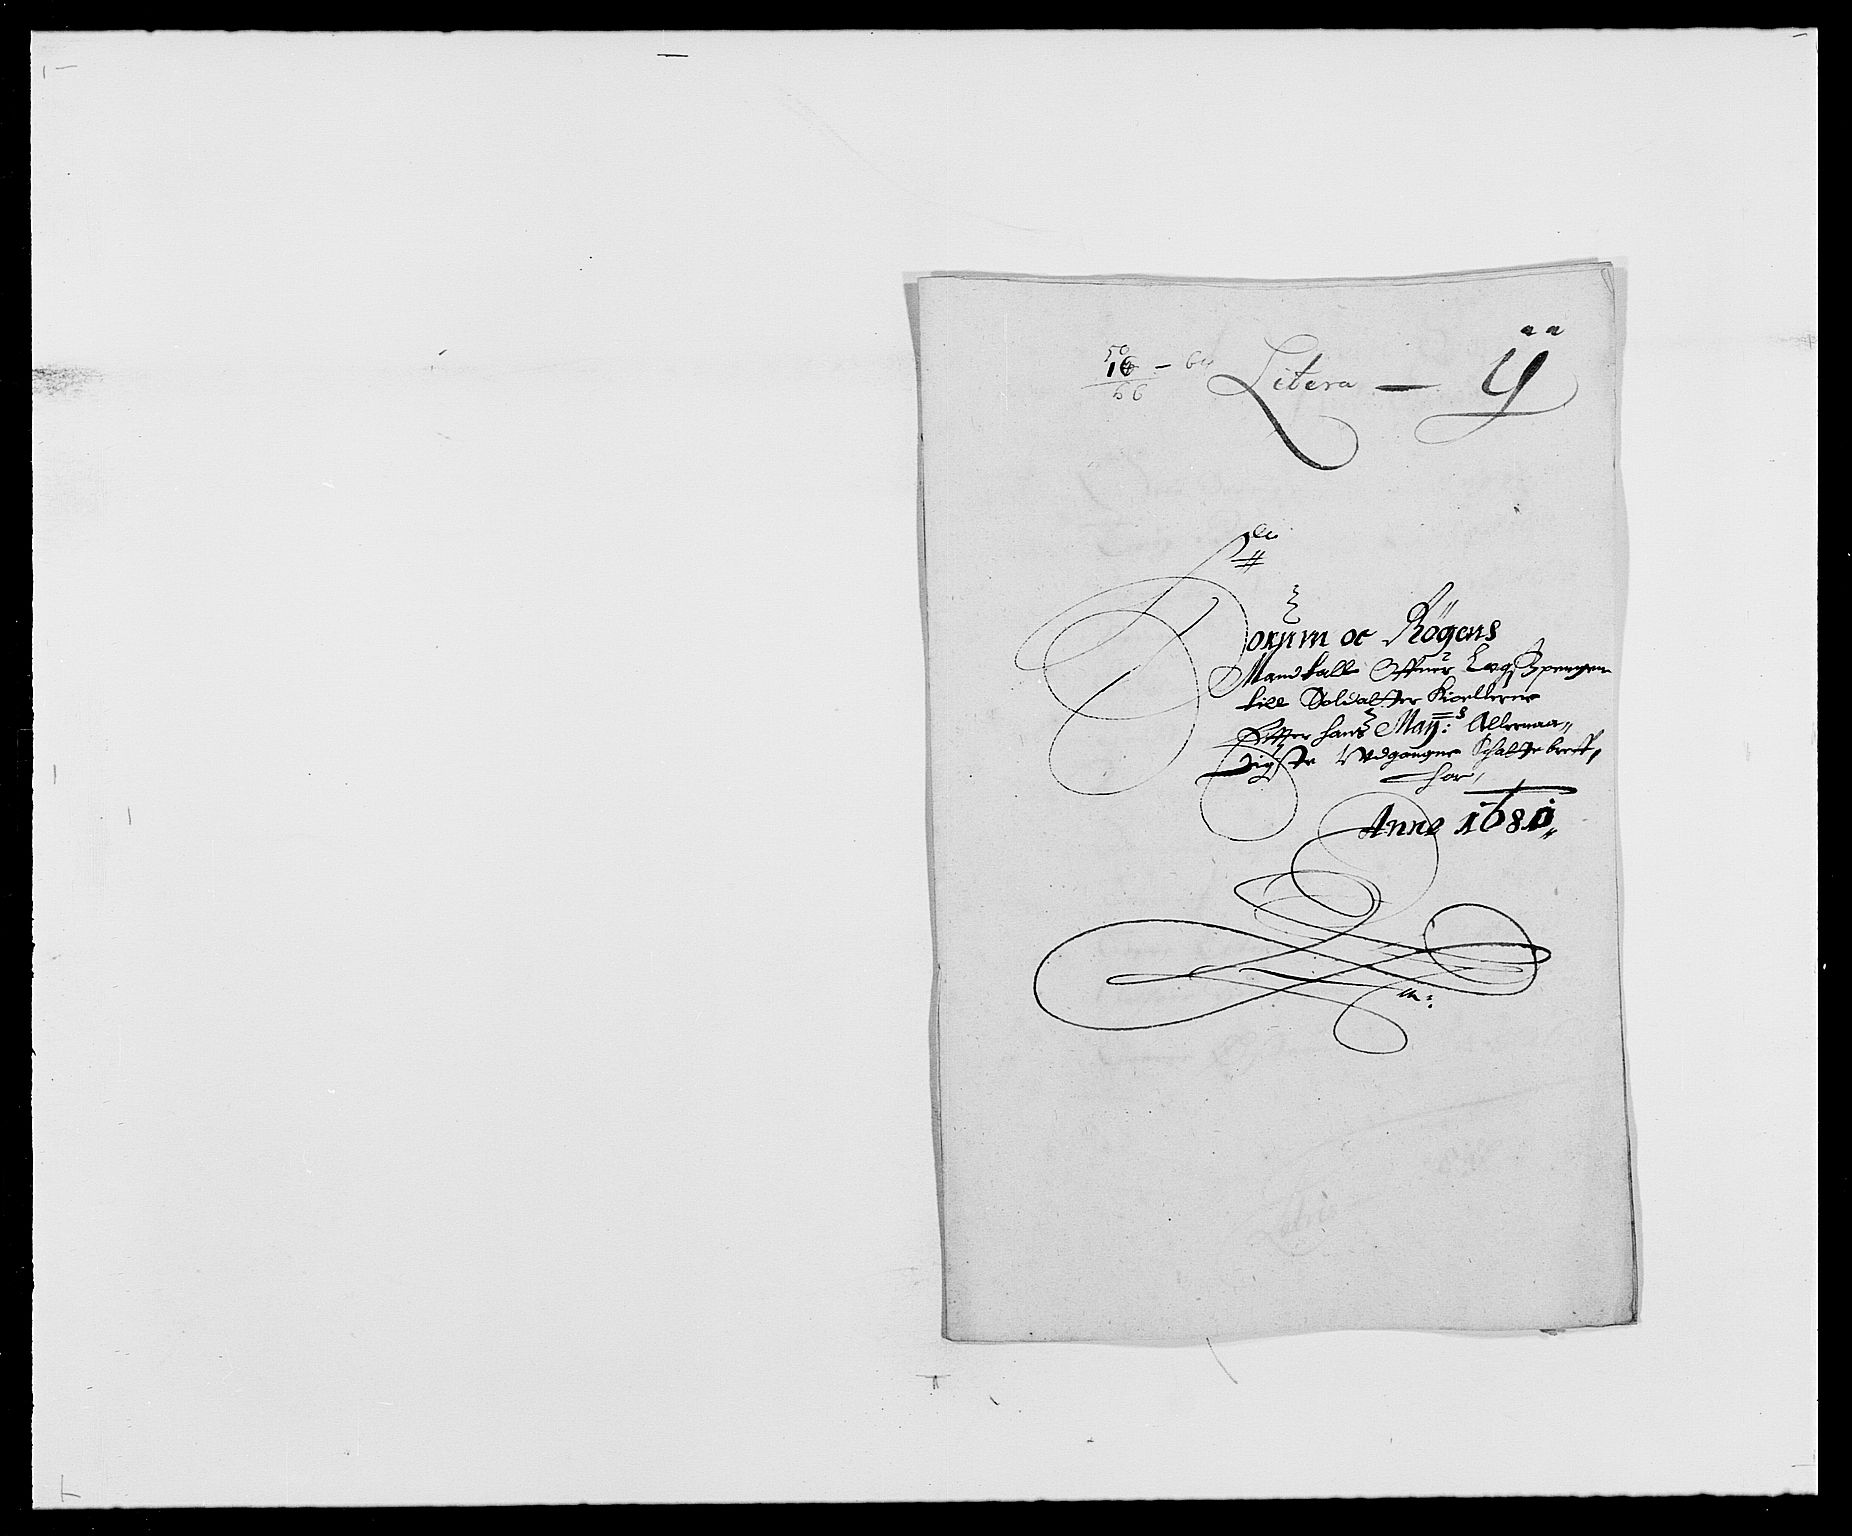 RA, Rentekammeret inntil 1814, Reviderte regnskaper, Fogderegnskap, R29/L1691: Fogderegnskap Hurum og Røyken, 1678-1681, s. 308